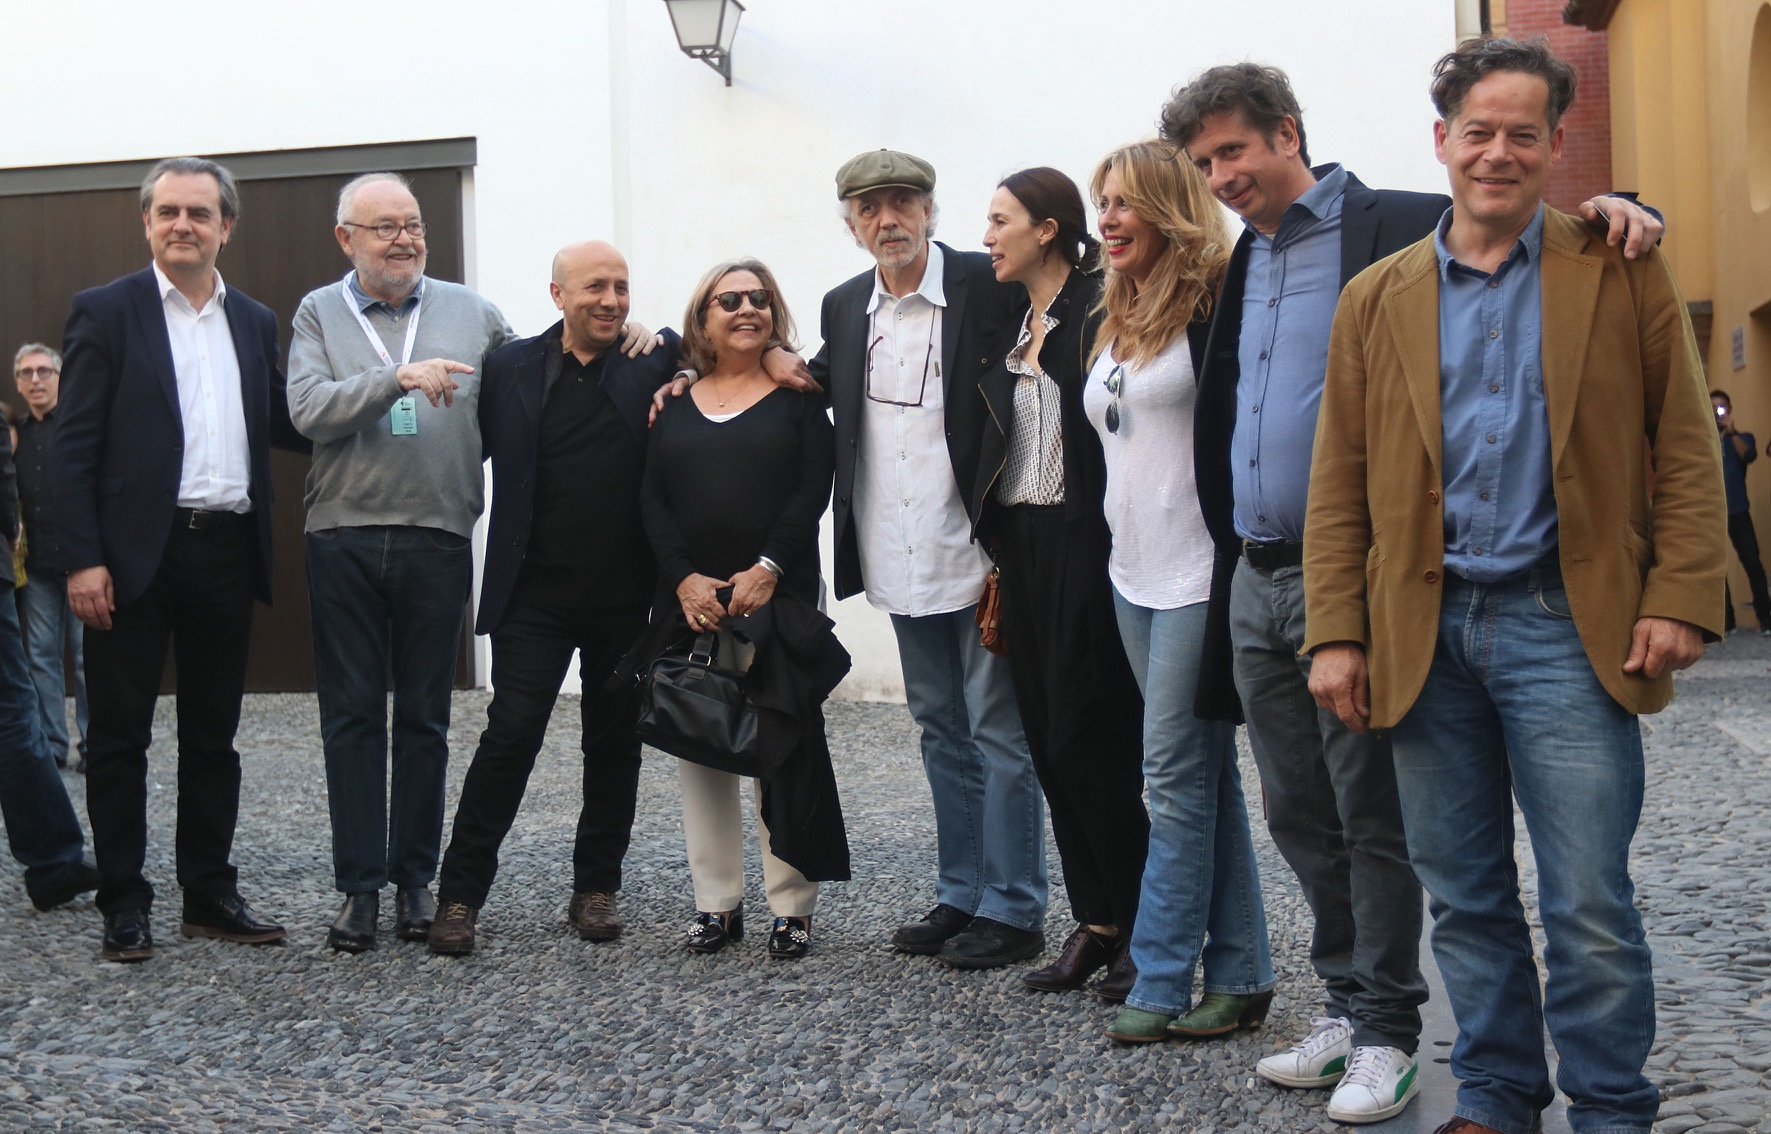 Fernando Trueba conmemorando los 25 años de Belle Epoque en el 20 edición del festival de cine Español de Málaga